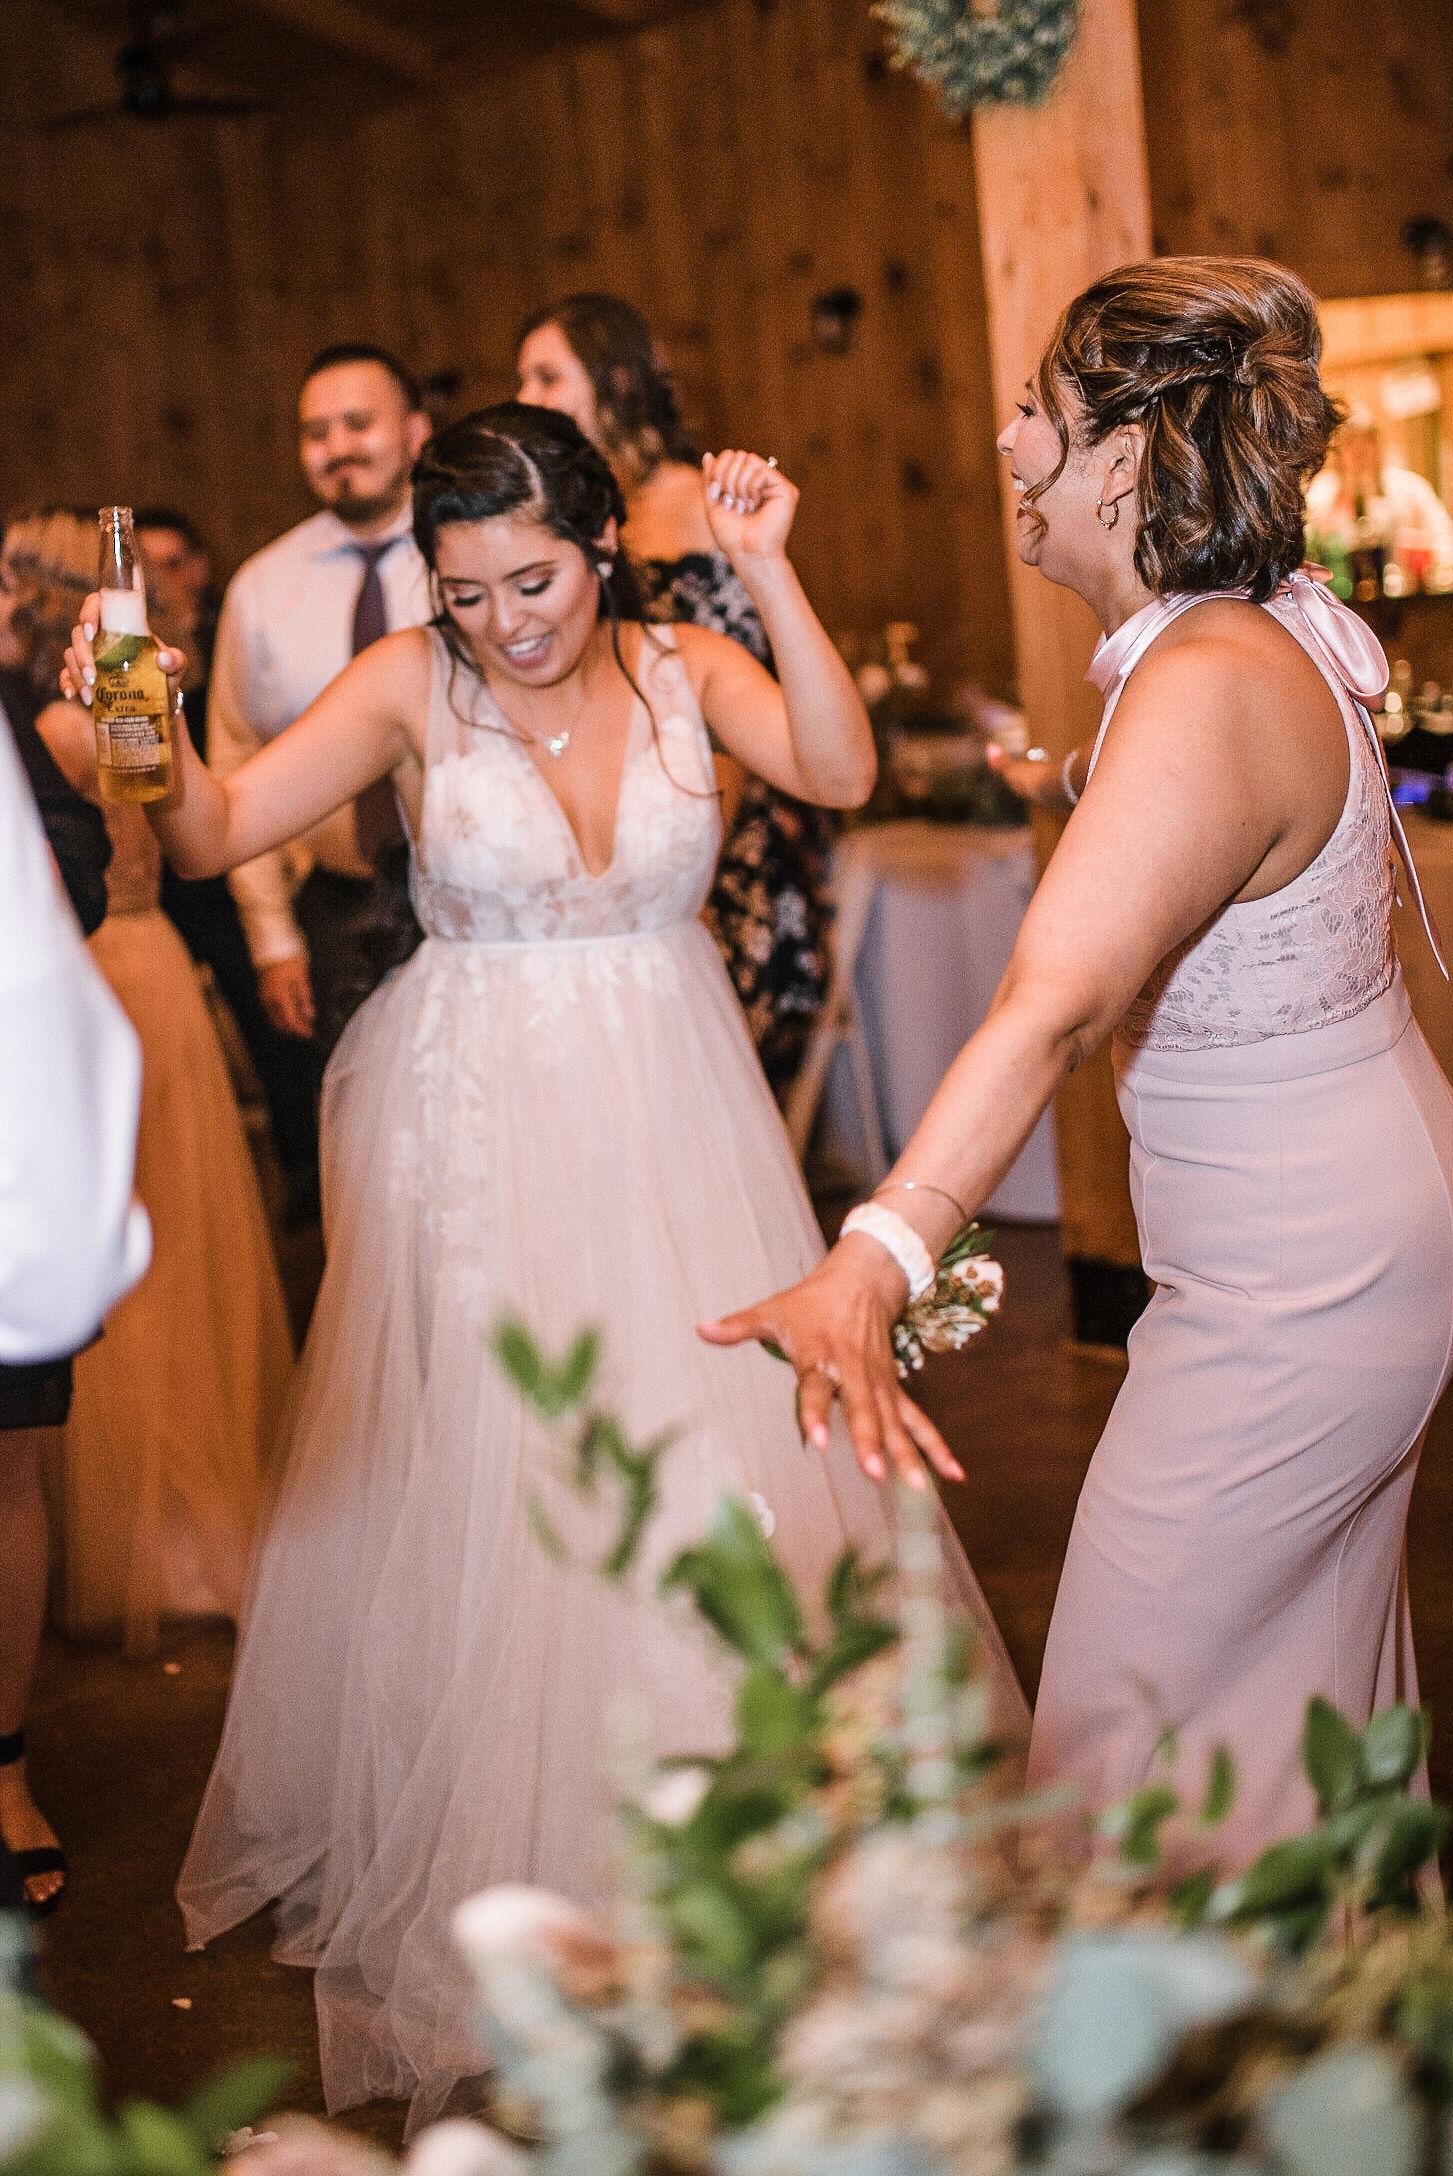 bride dancing at reception at the Faithbrooke Barn & Vineyards